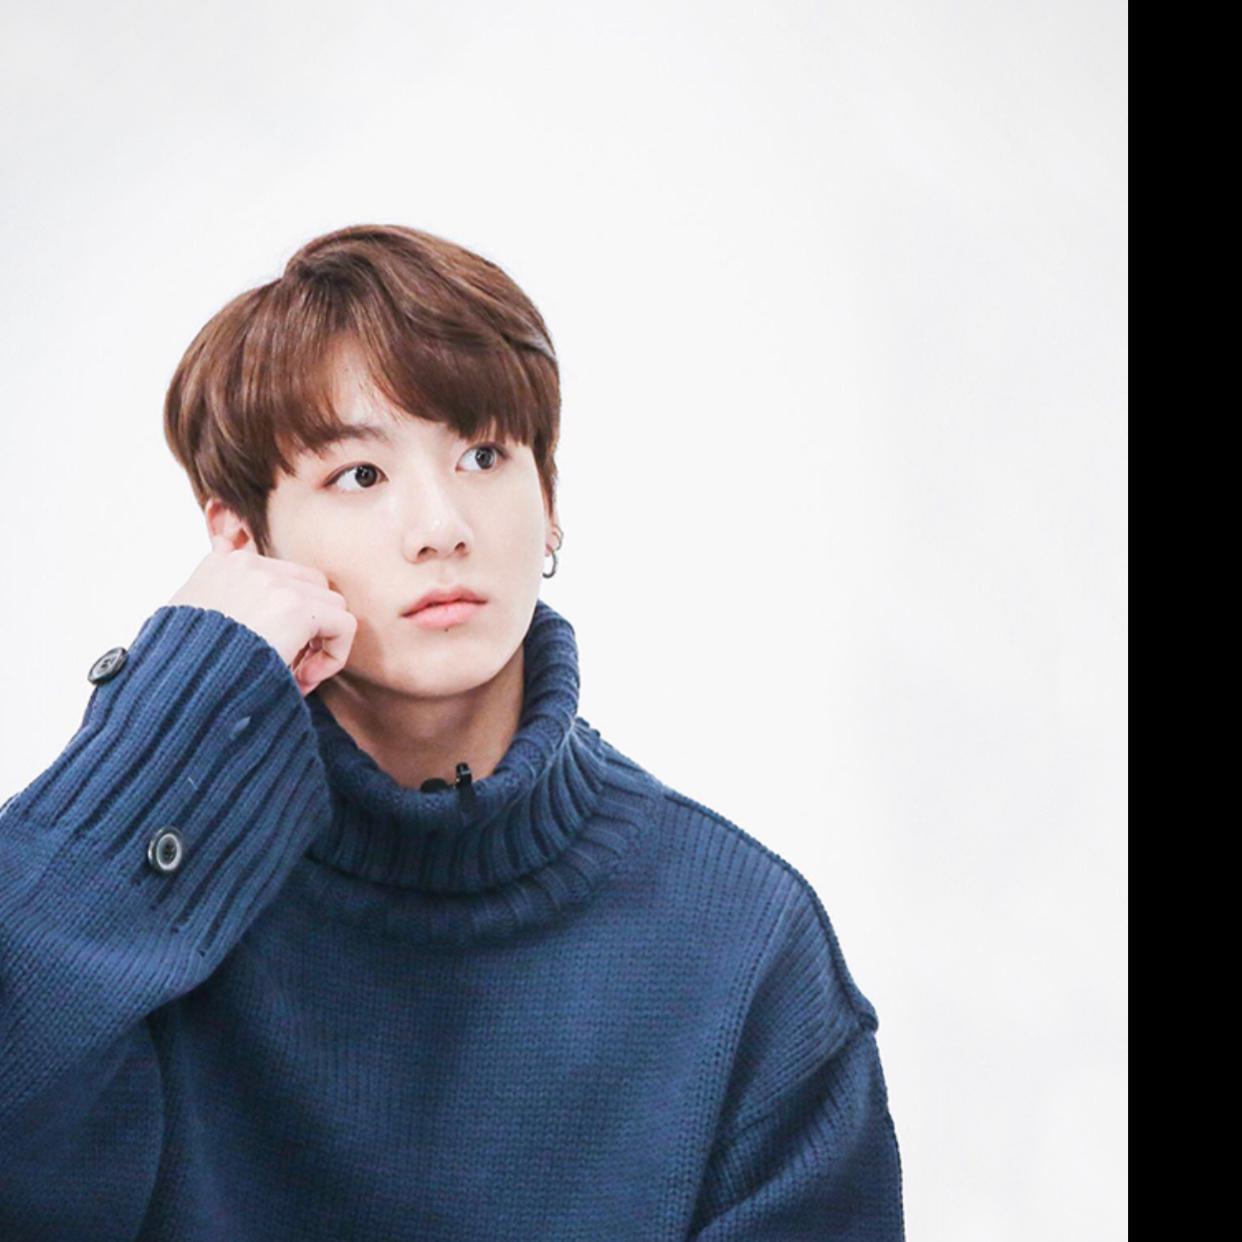 kpop fan uwu